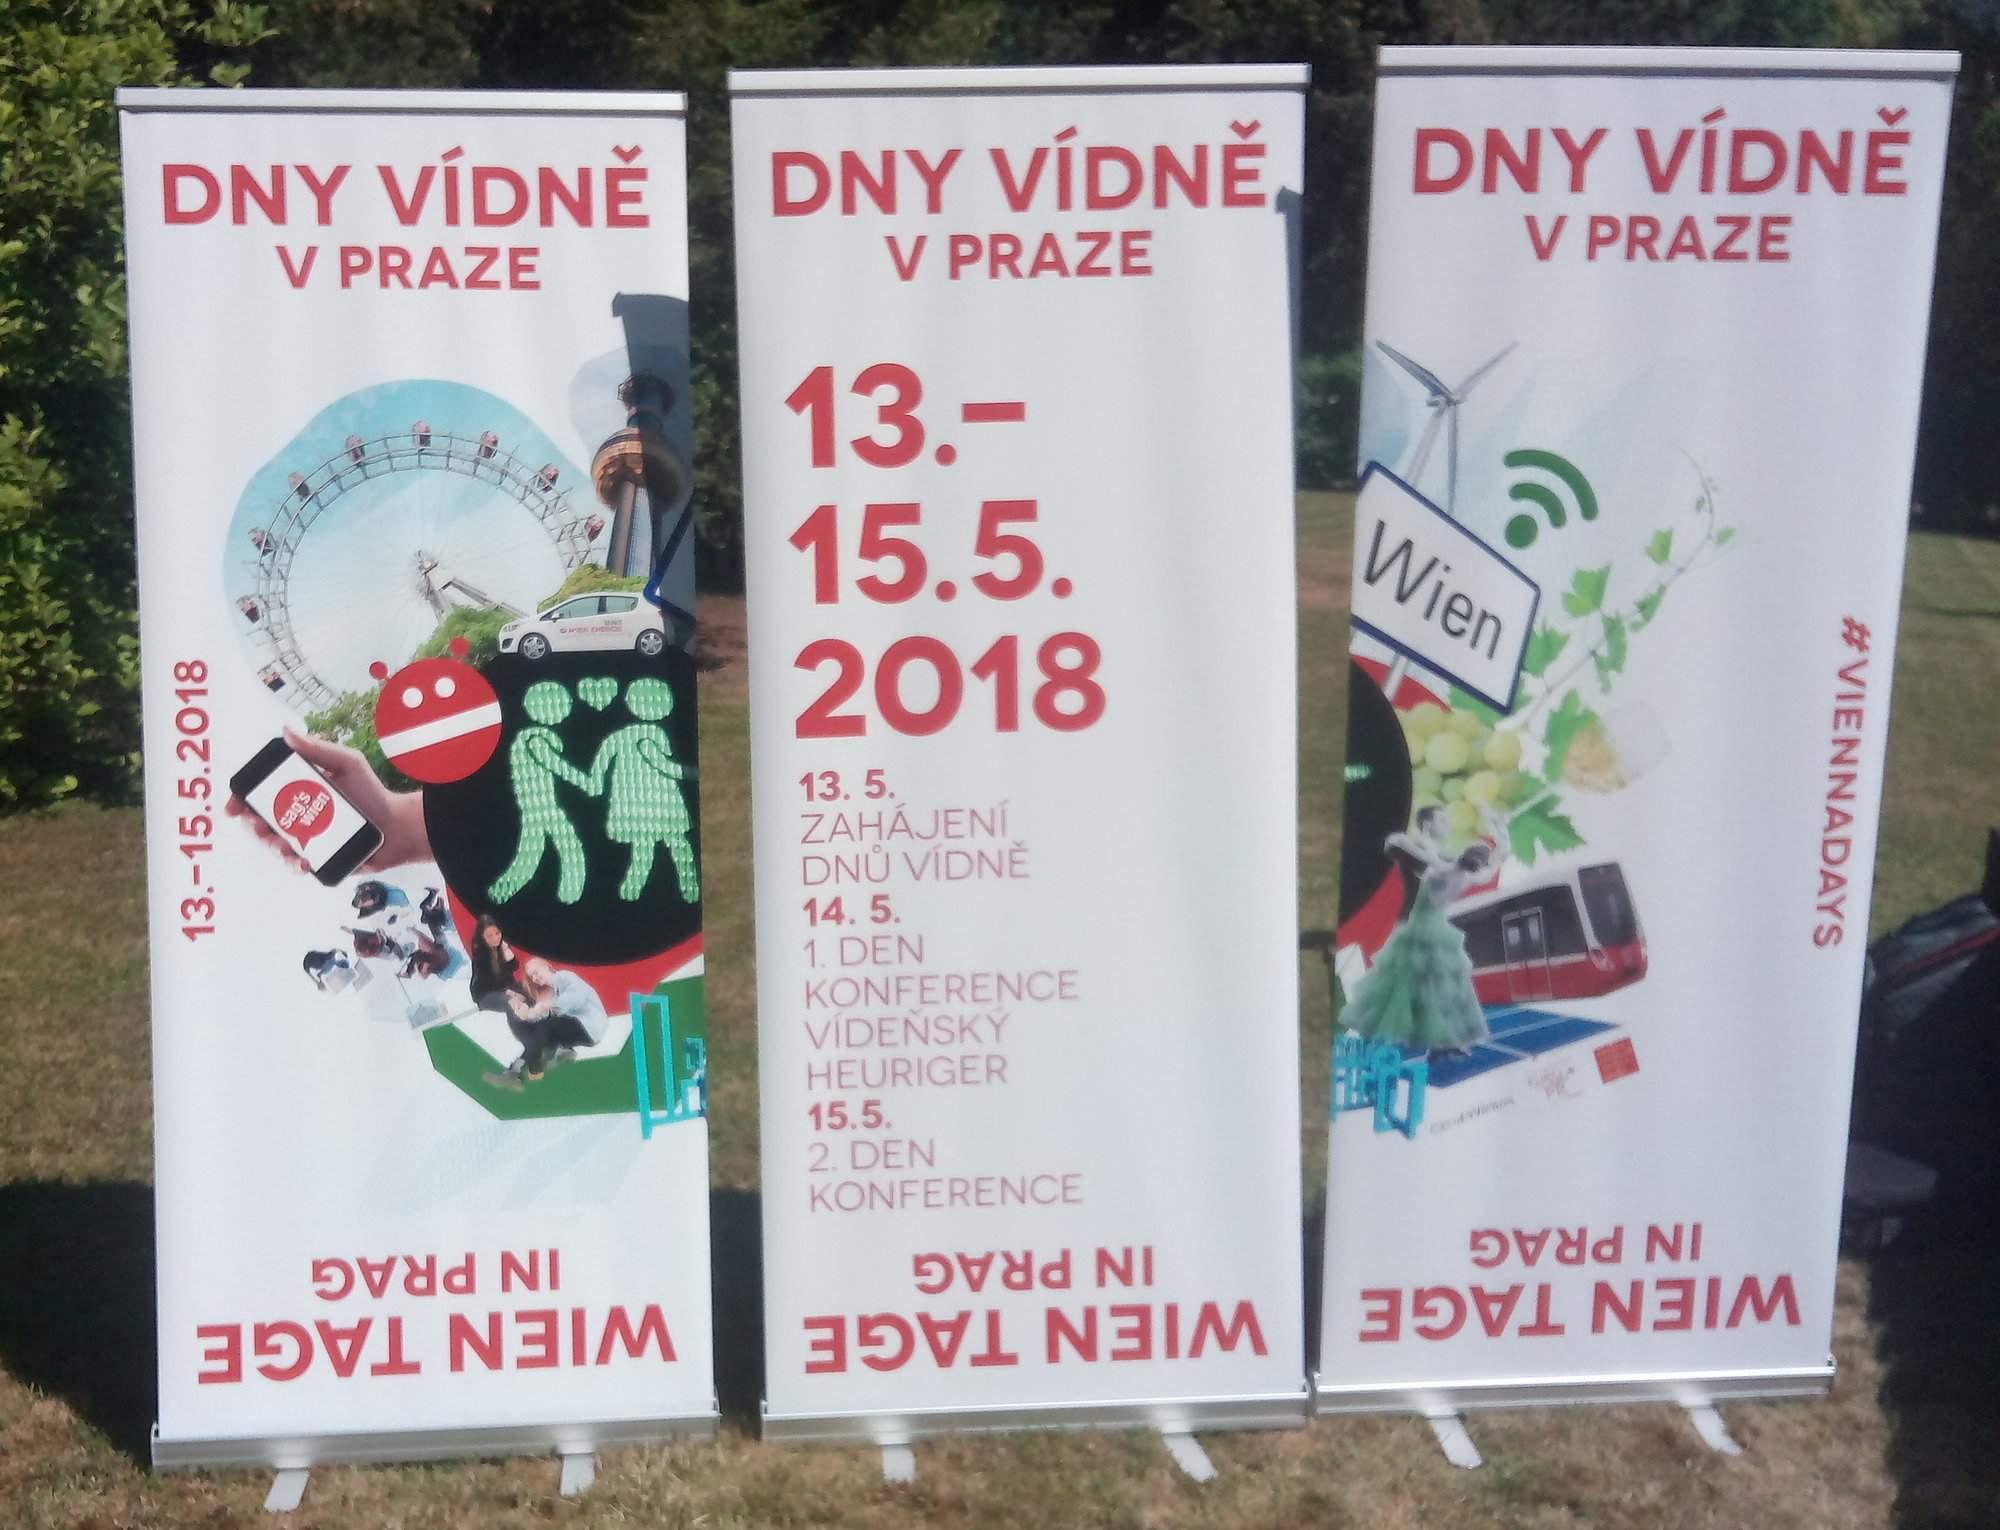 Dny Vídně v Praze